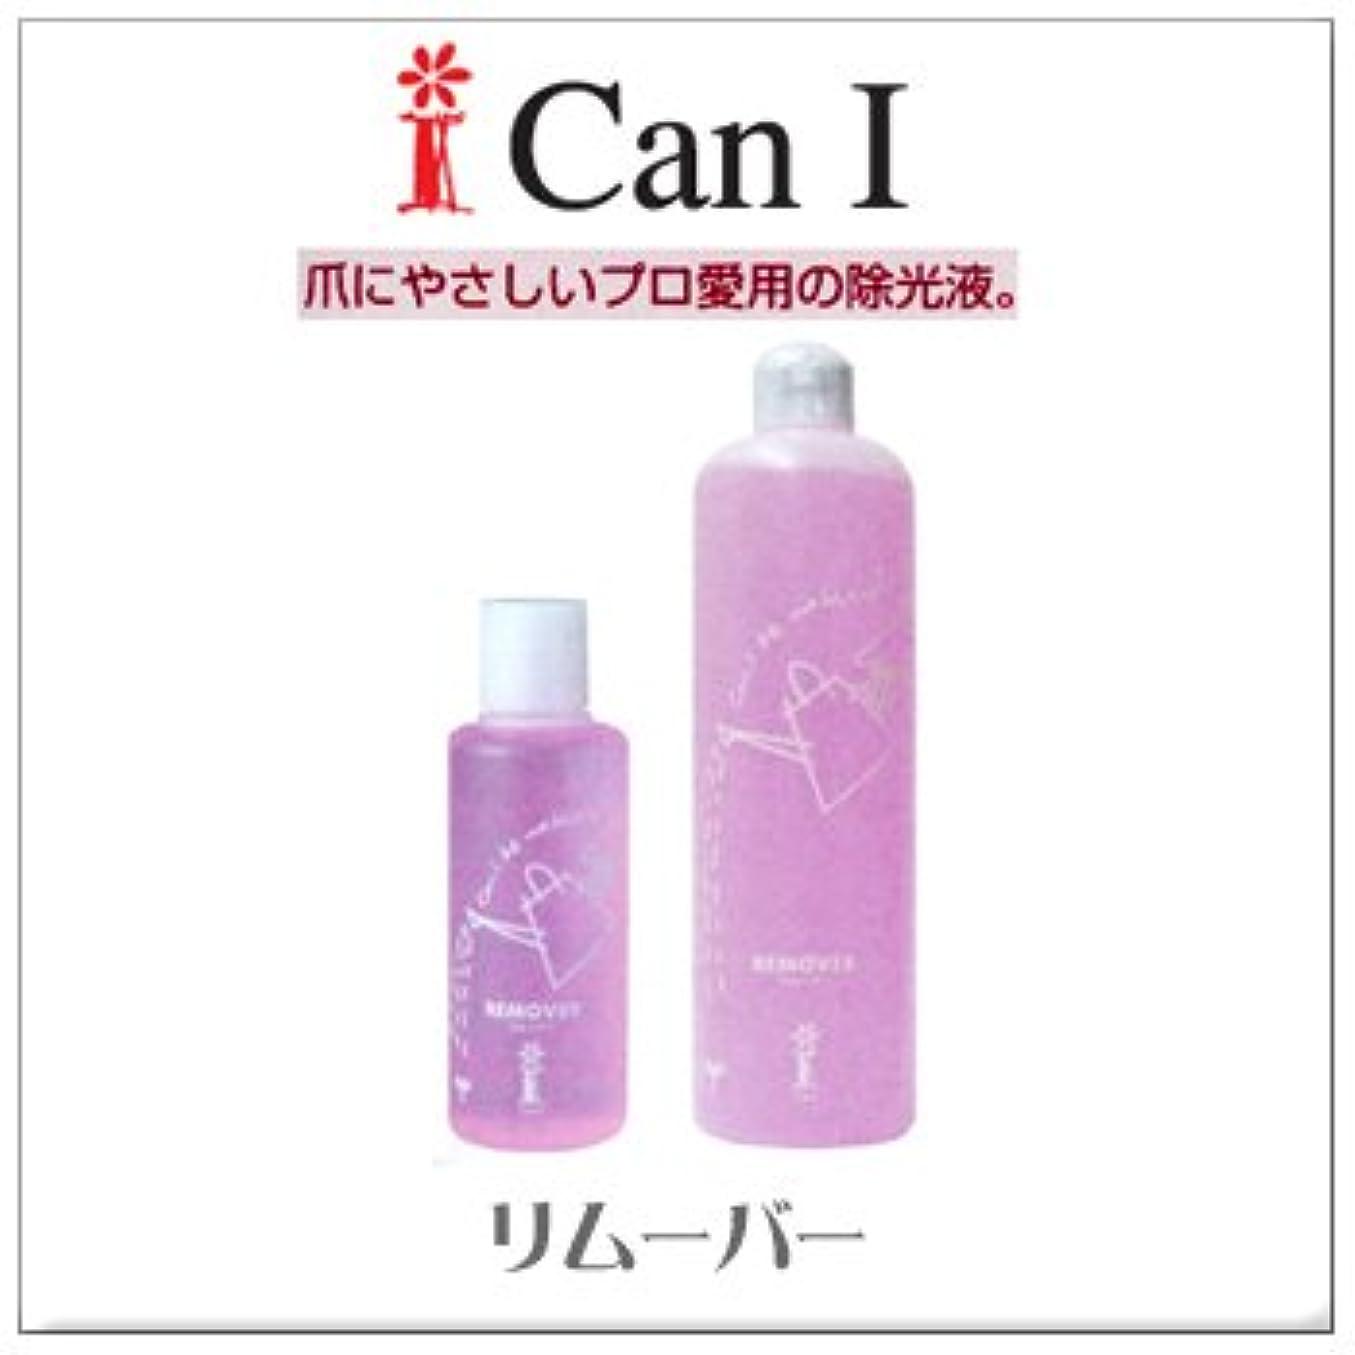 閃光湿原入場CanI (キャンアイ) リムーバー be native 500ml